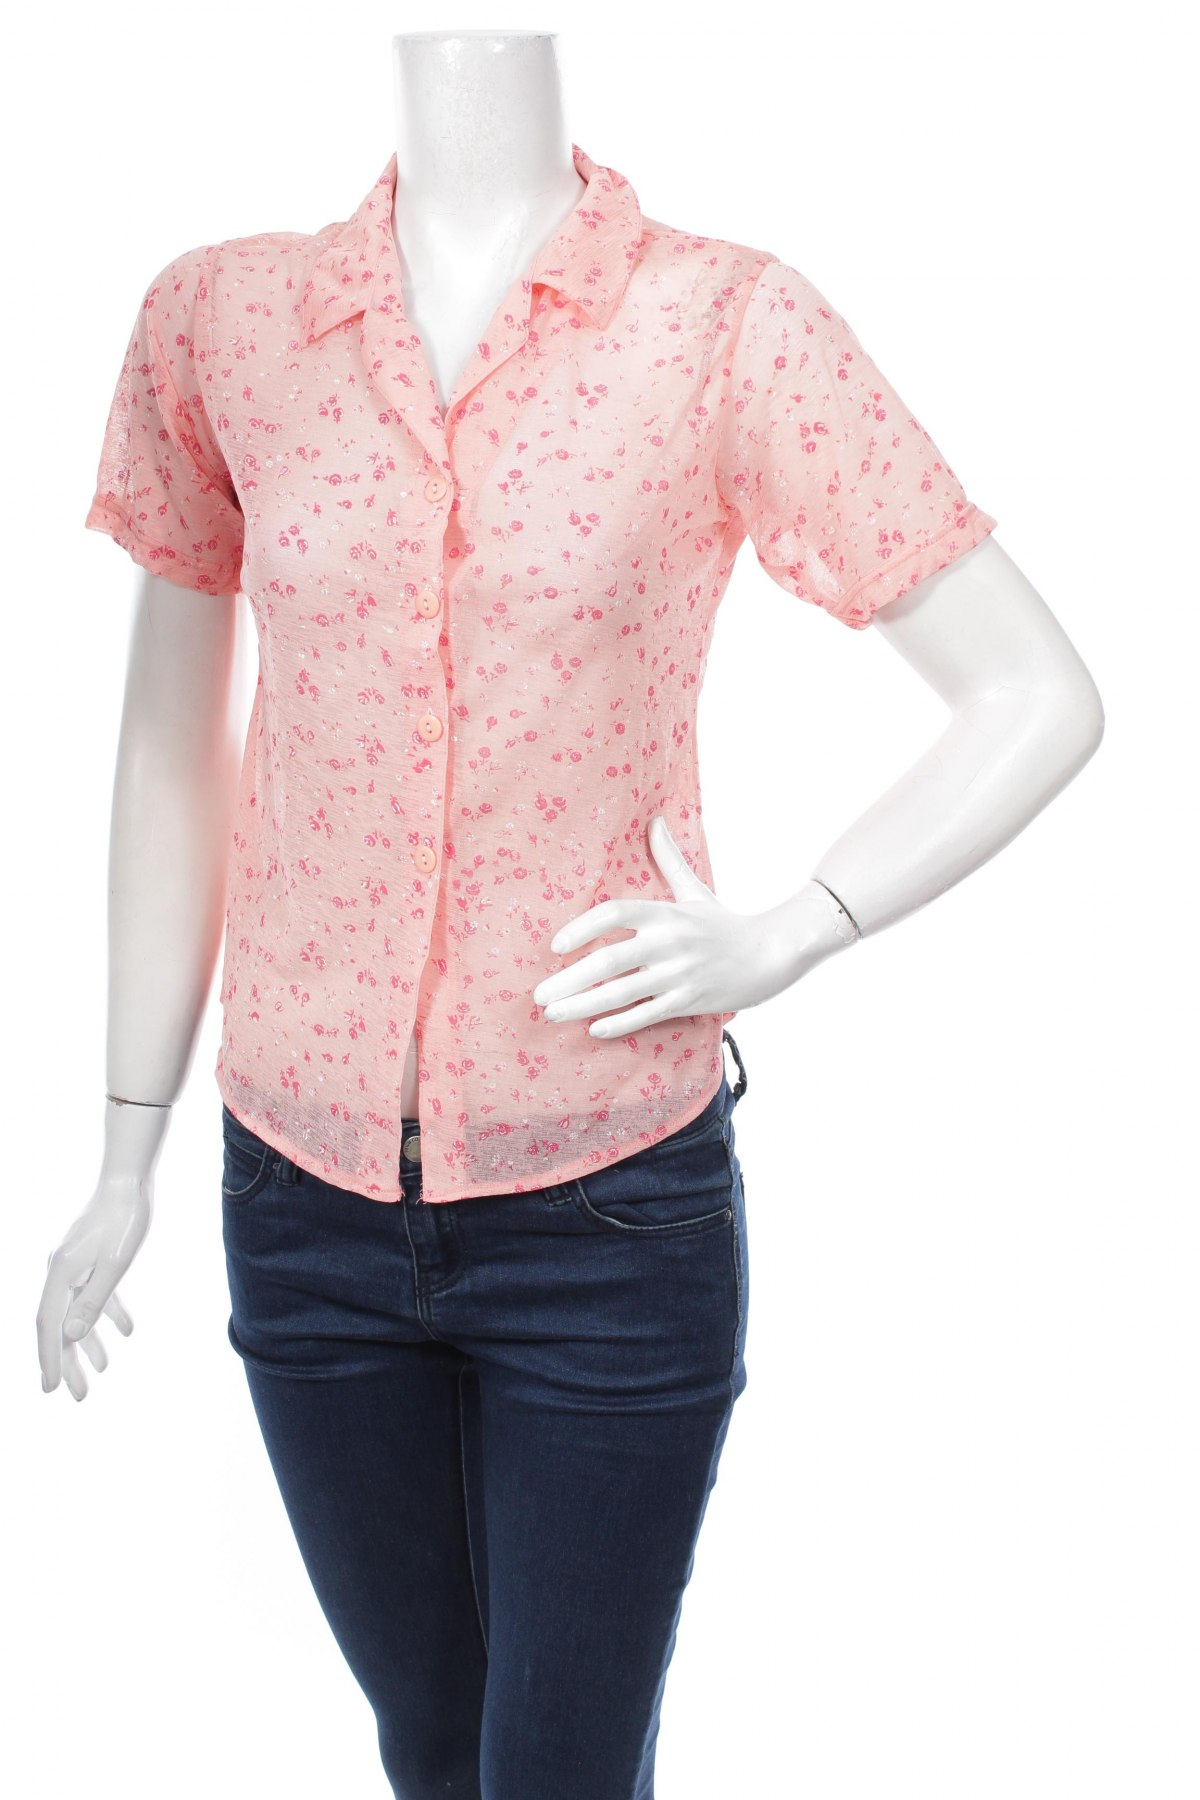 Γυναικείο πουκάμισο Ht